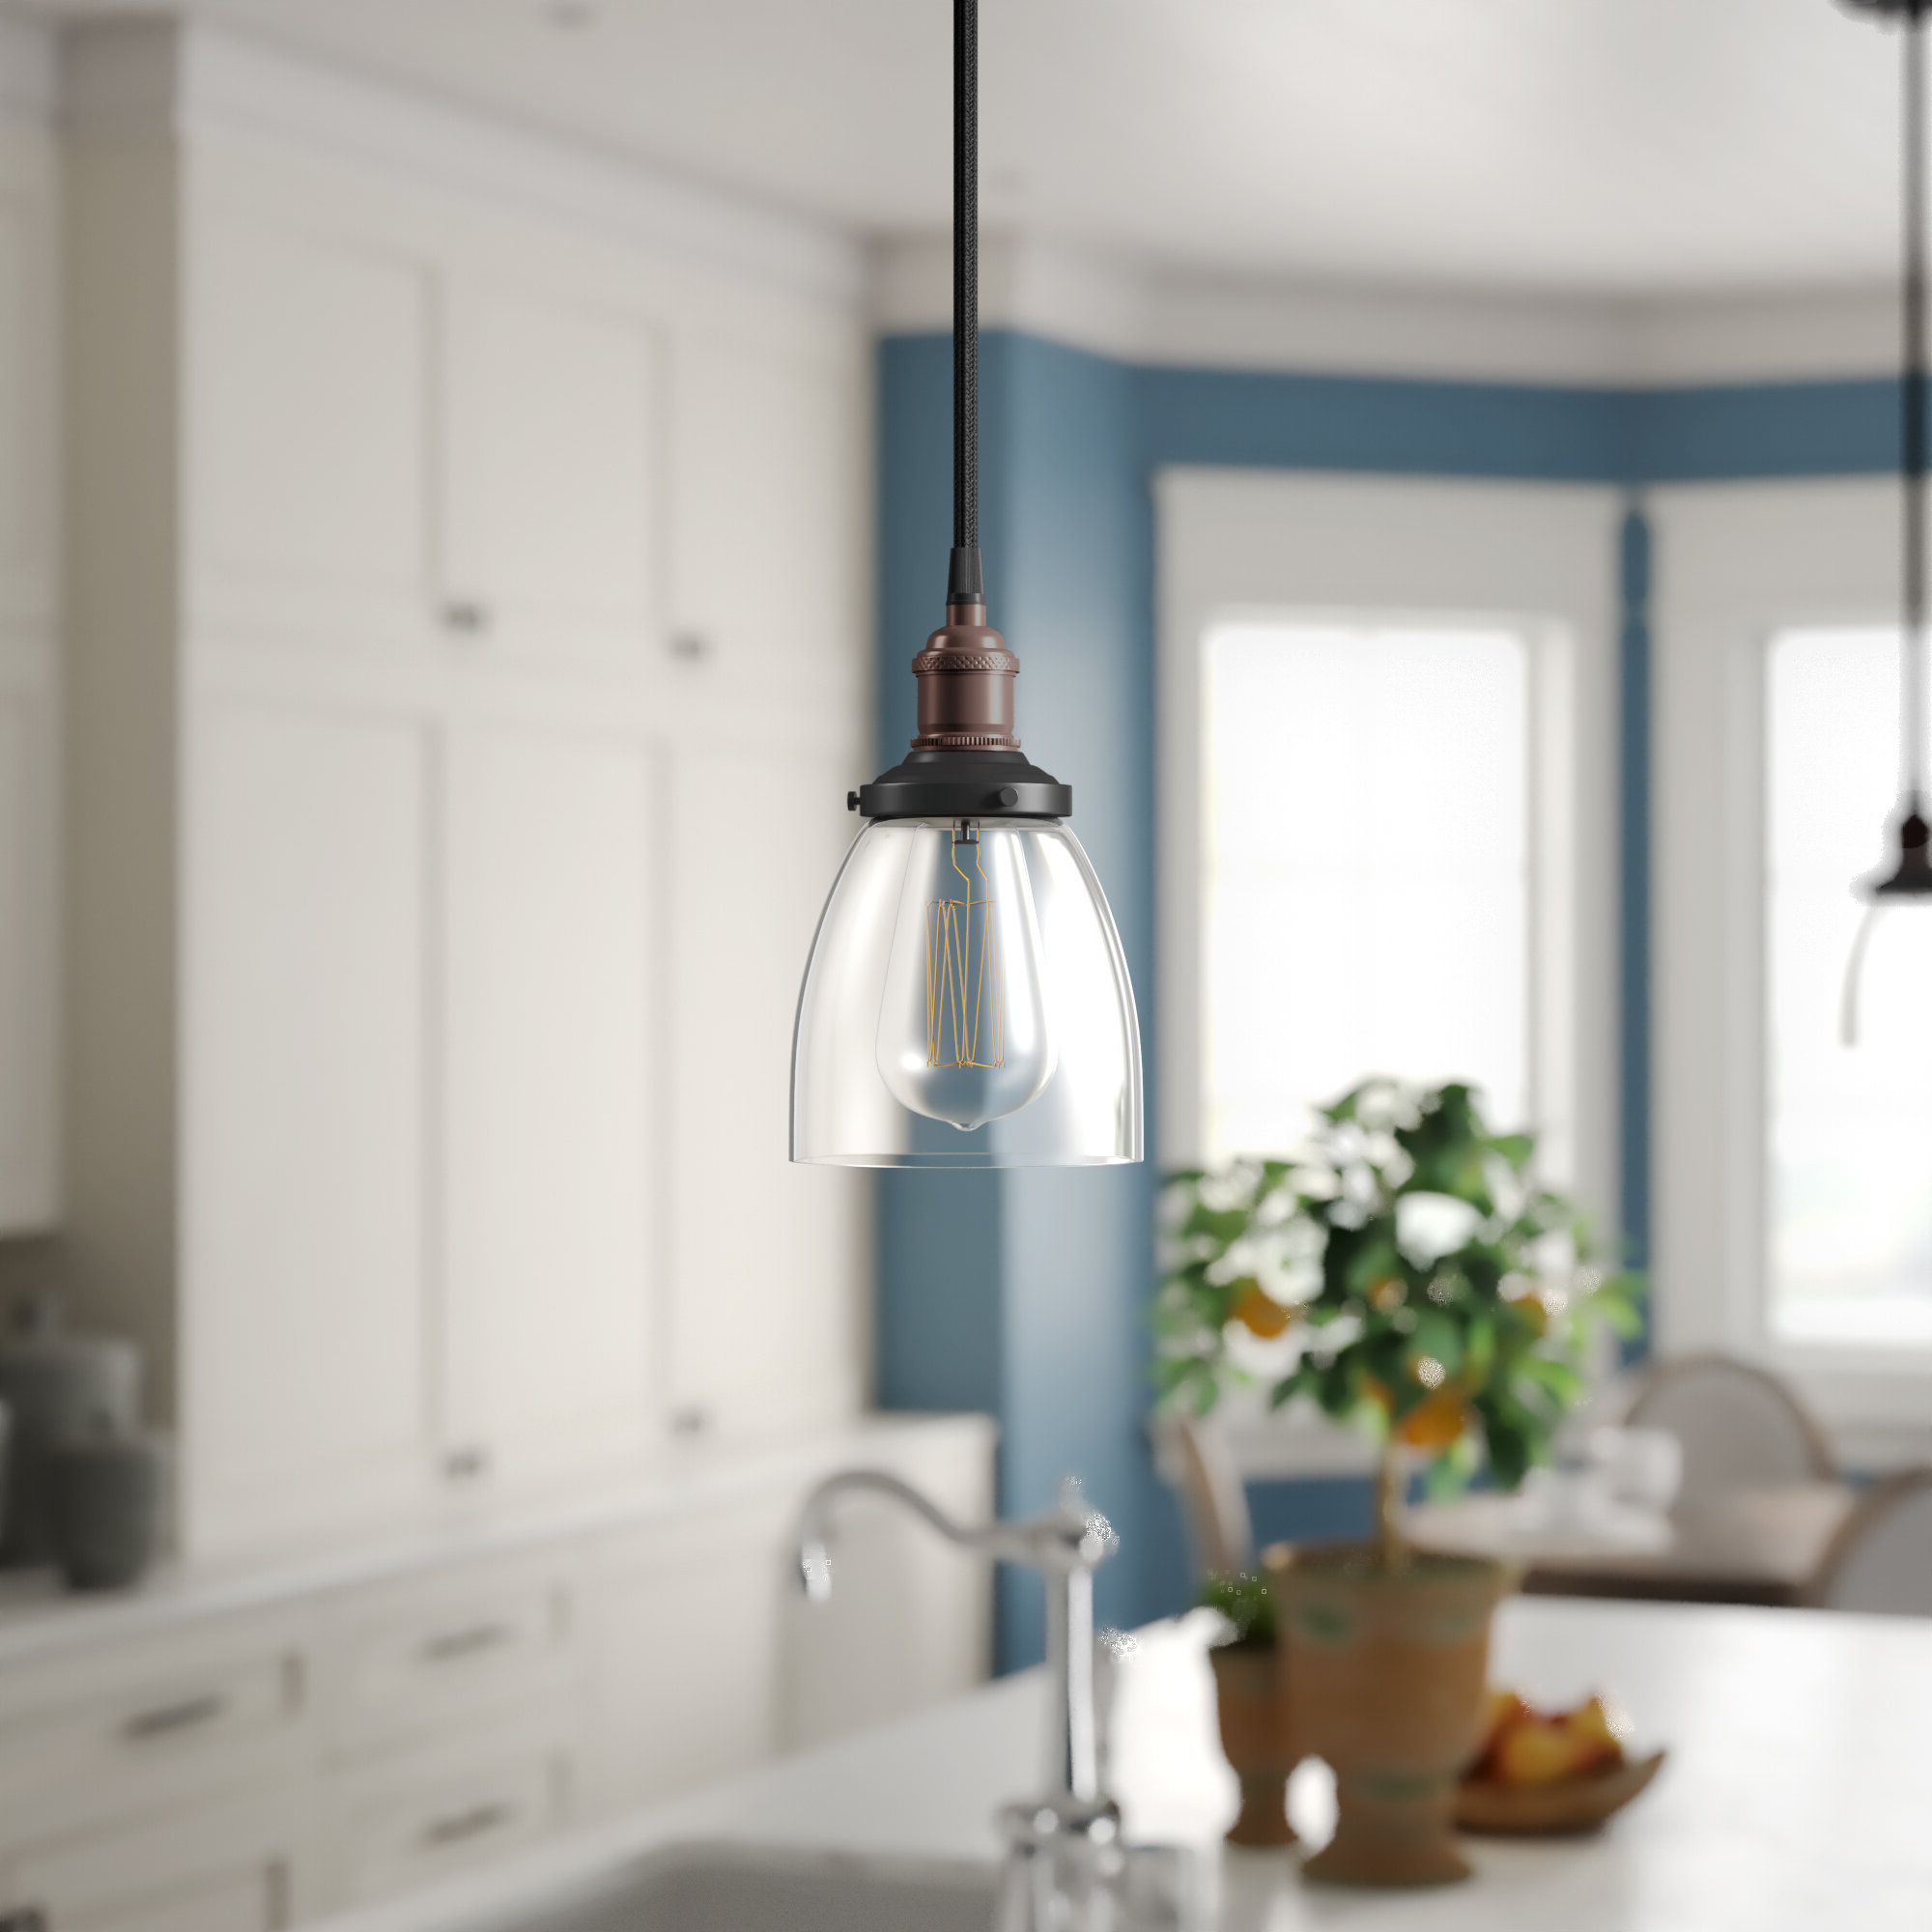 Sandy Springs 1 Light Single Bell Pendant Pertaining To 2020 Goldie 1 Light Single Bell Pendants (View 19 of 20)